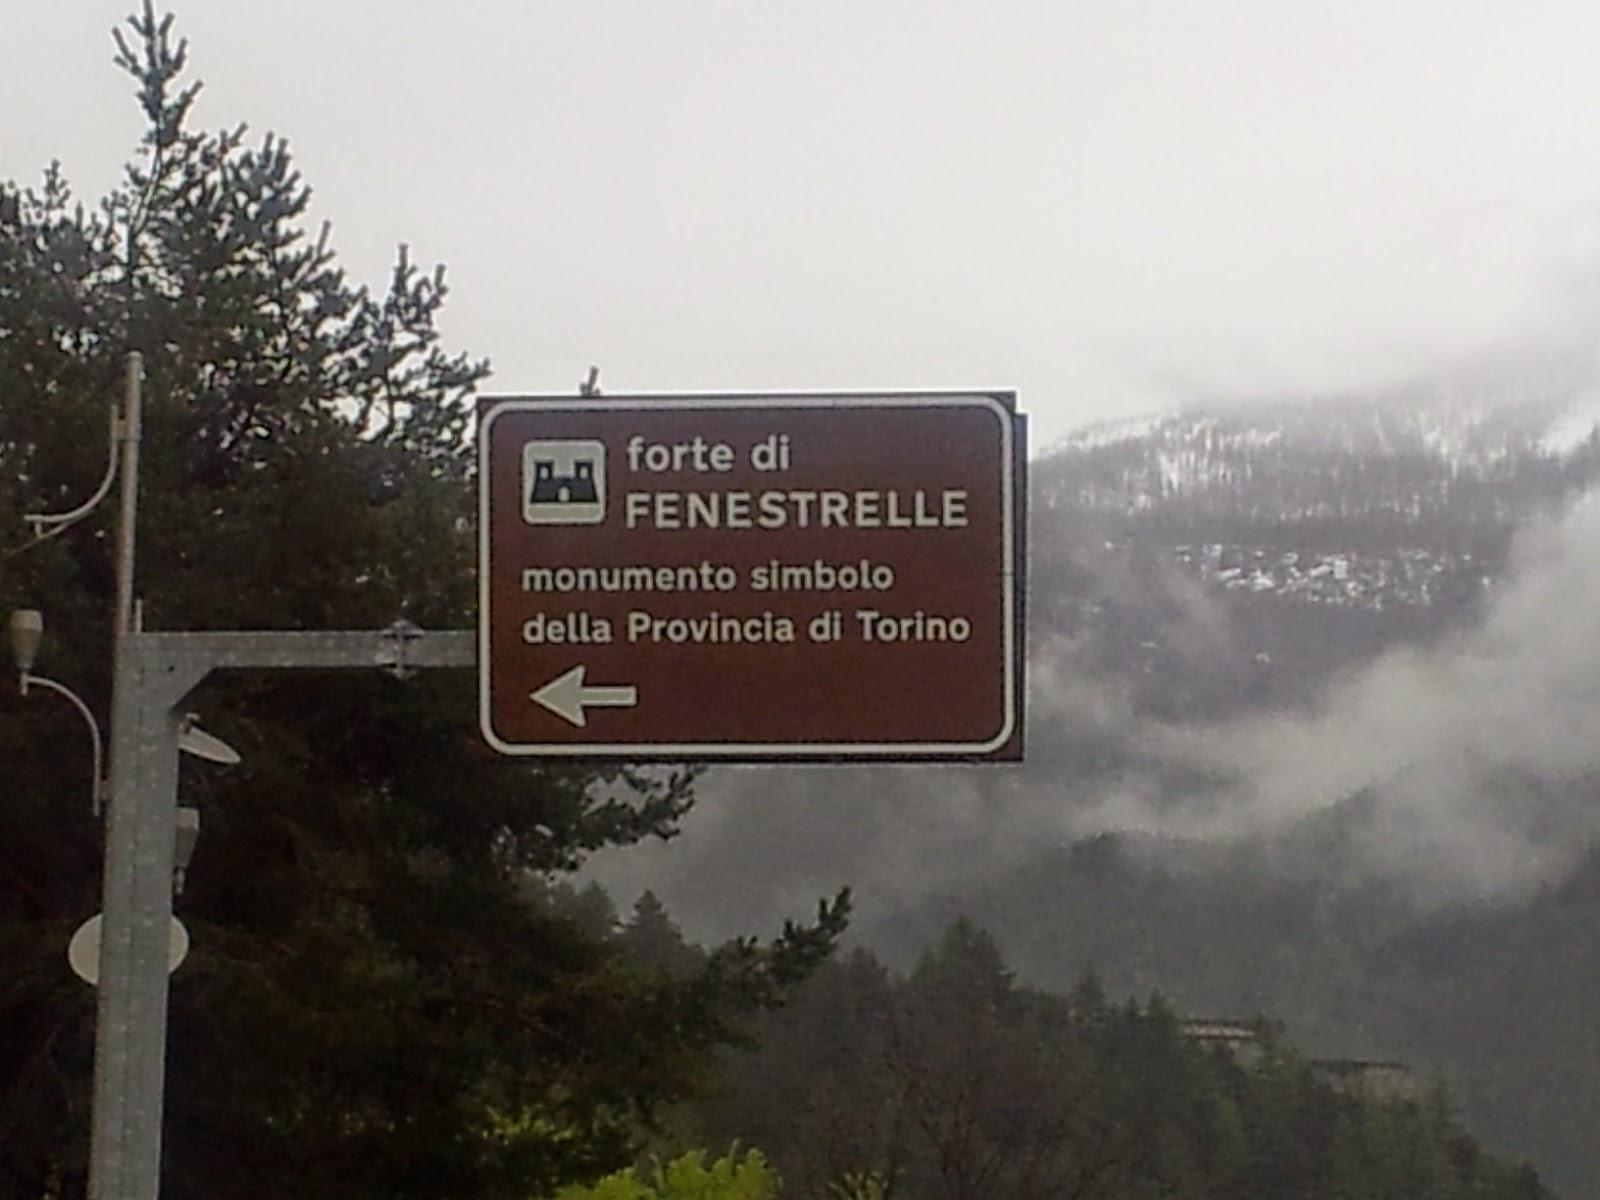 Forte di Fenestrelle: Alla scoperta della Grande Muraglia…piemontese